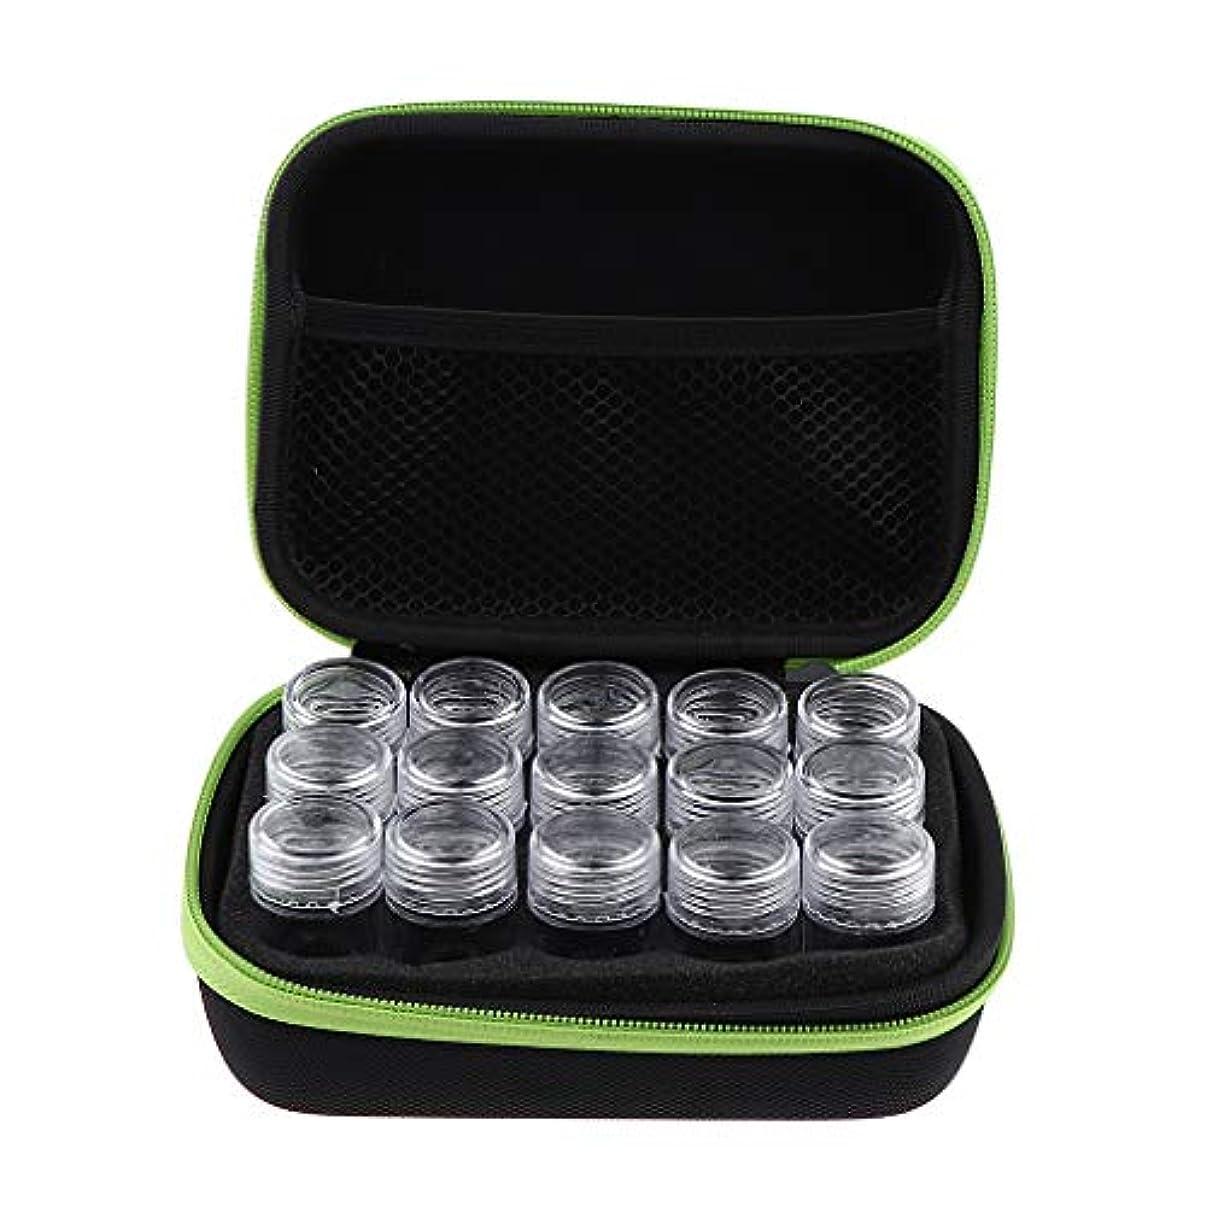 最も遠いスパイ呪われたアロマポーチ エッセンシャルオイル ケース 携帯用 メイクポーチ 精油ケース 大容量 15本用 - 緑